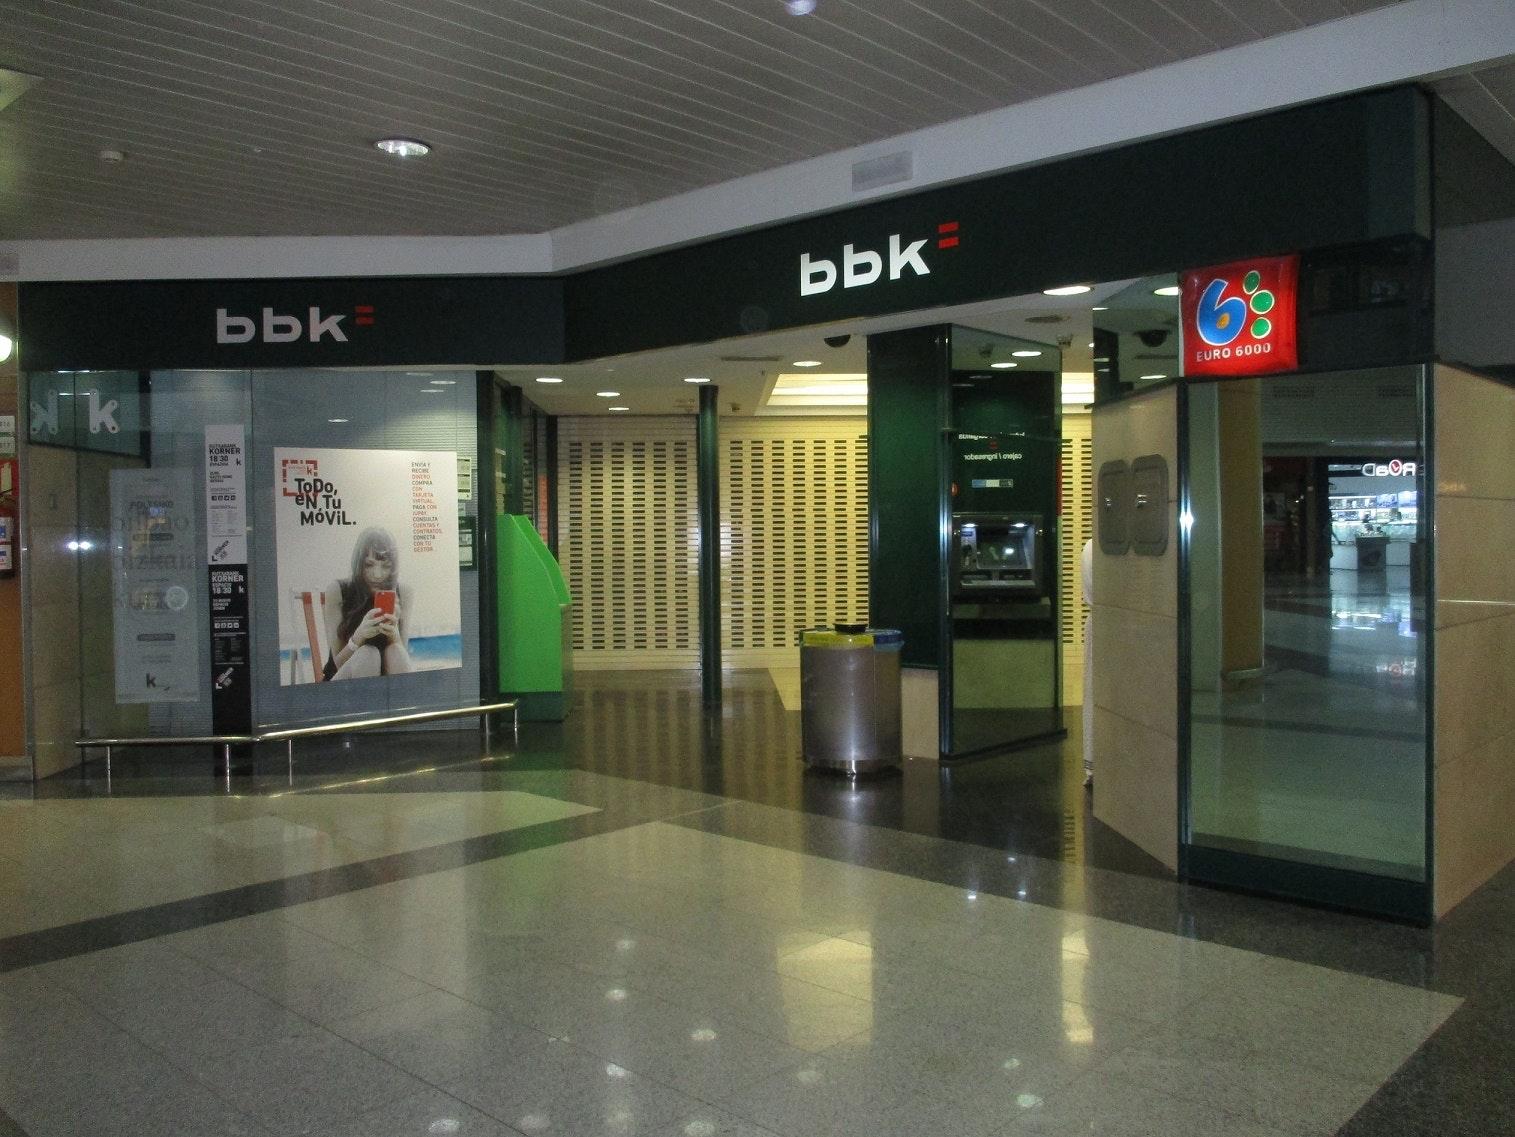 BBK 1